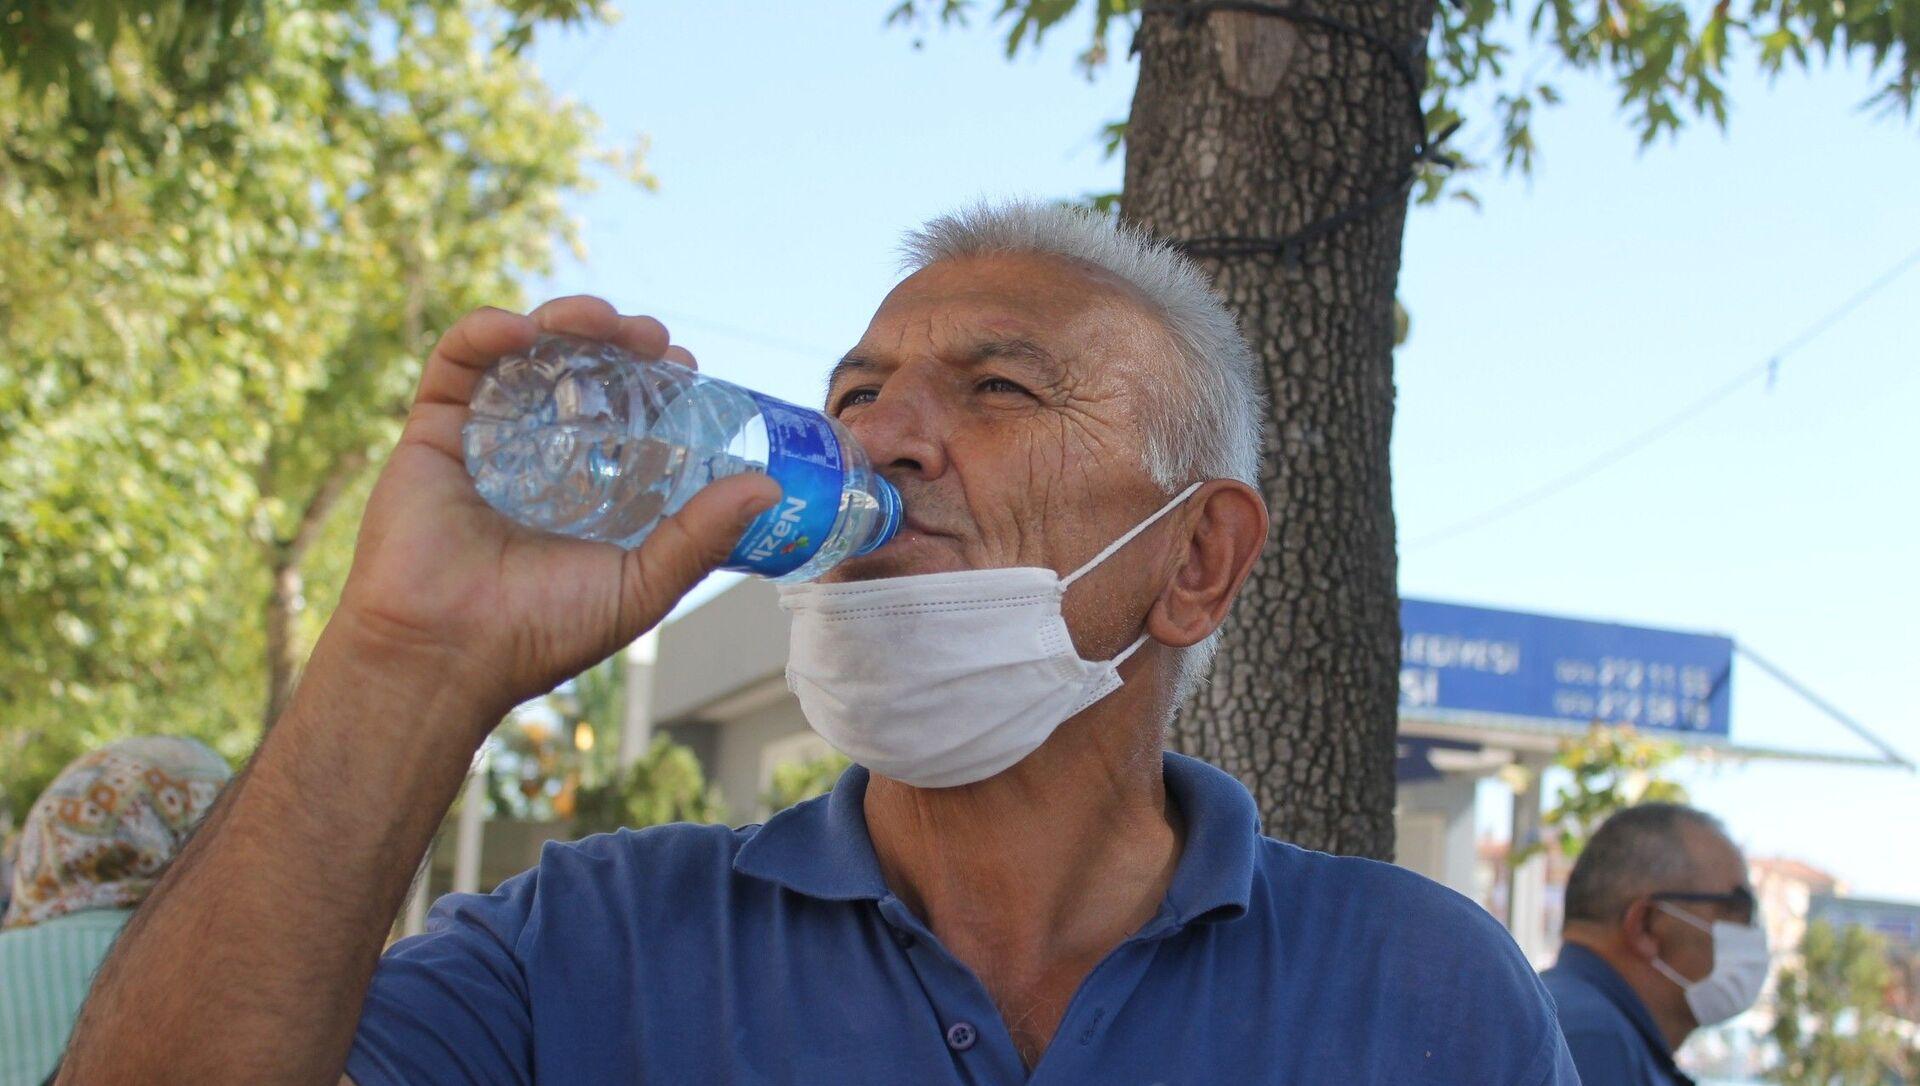 Sıcaklık, su, Aydın - Sputnik Türkiye, 1920, 03.08.2021